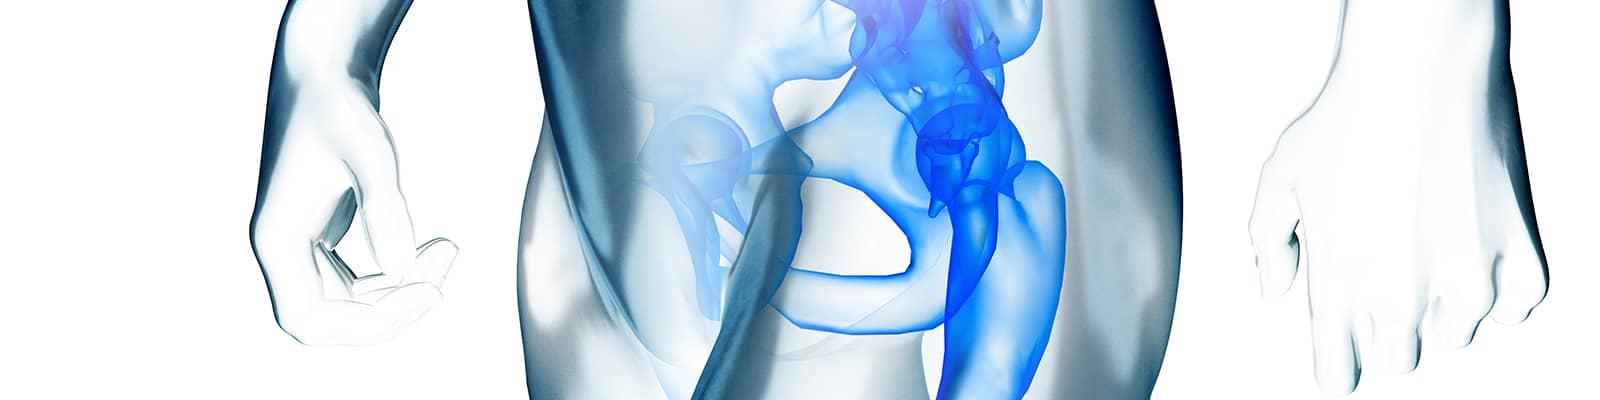 Otras lesiones de pelvis, cadera y pierna